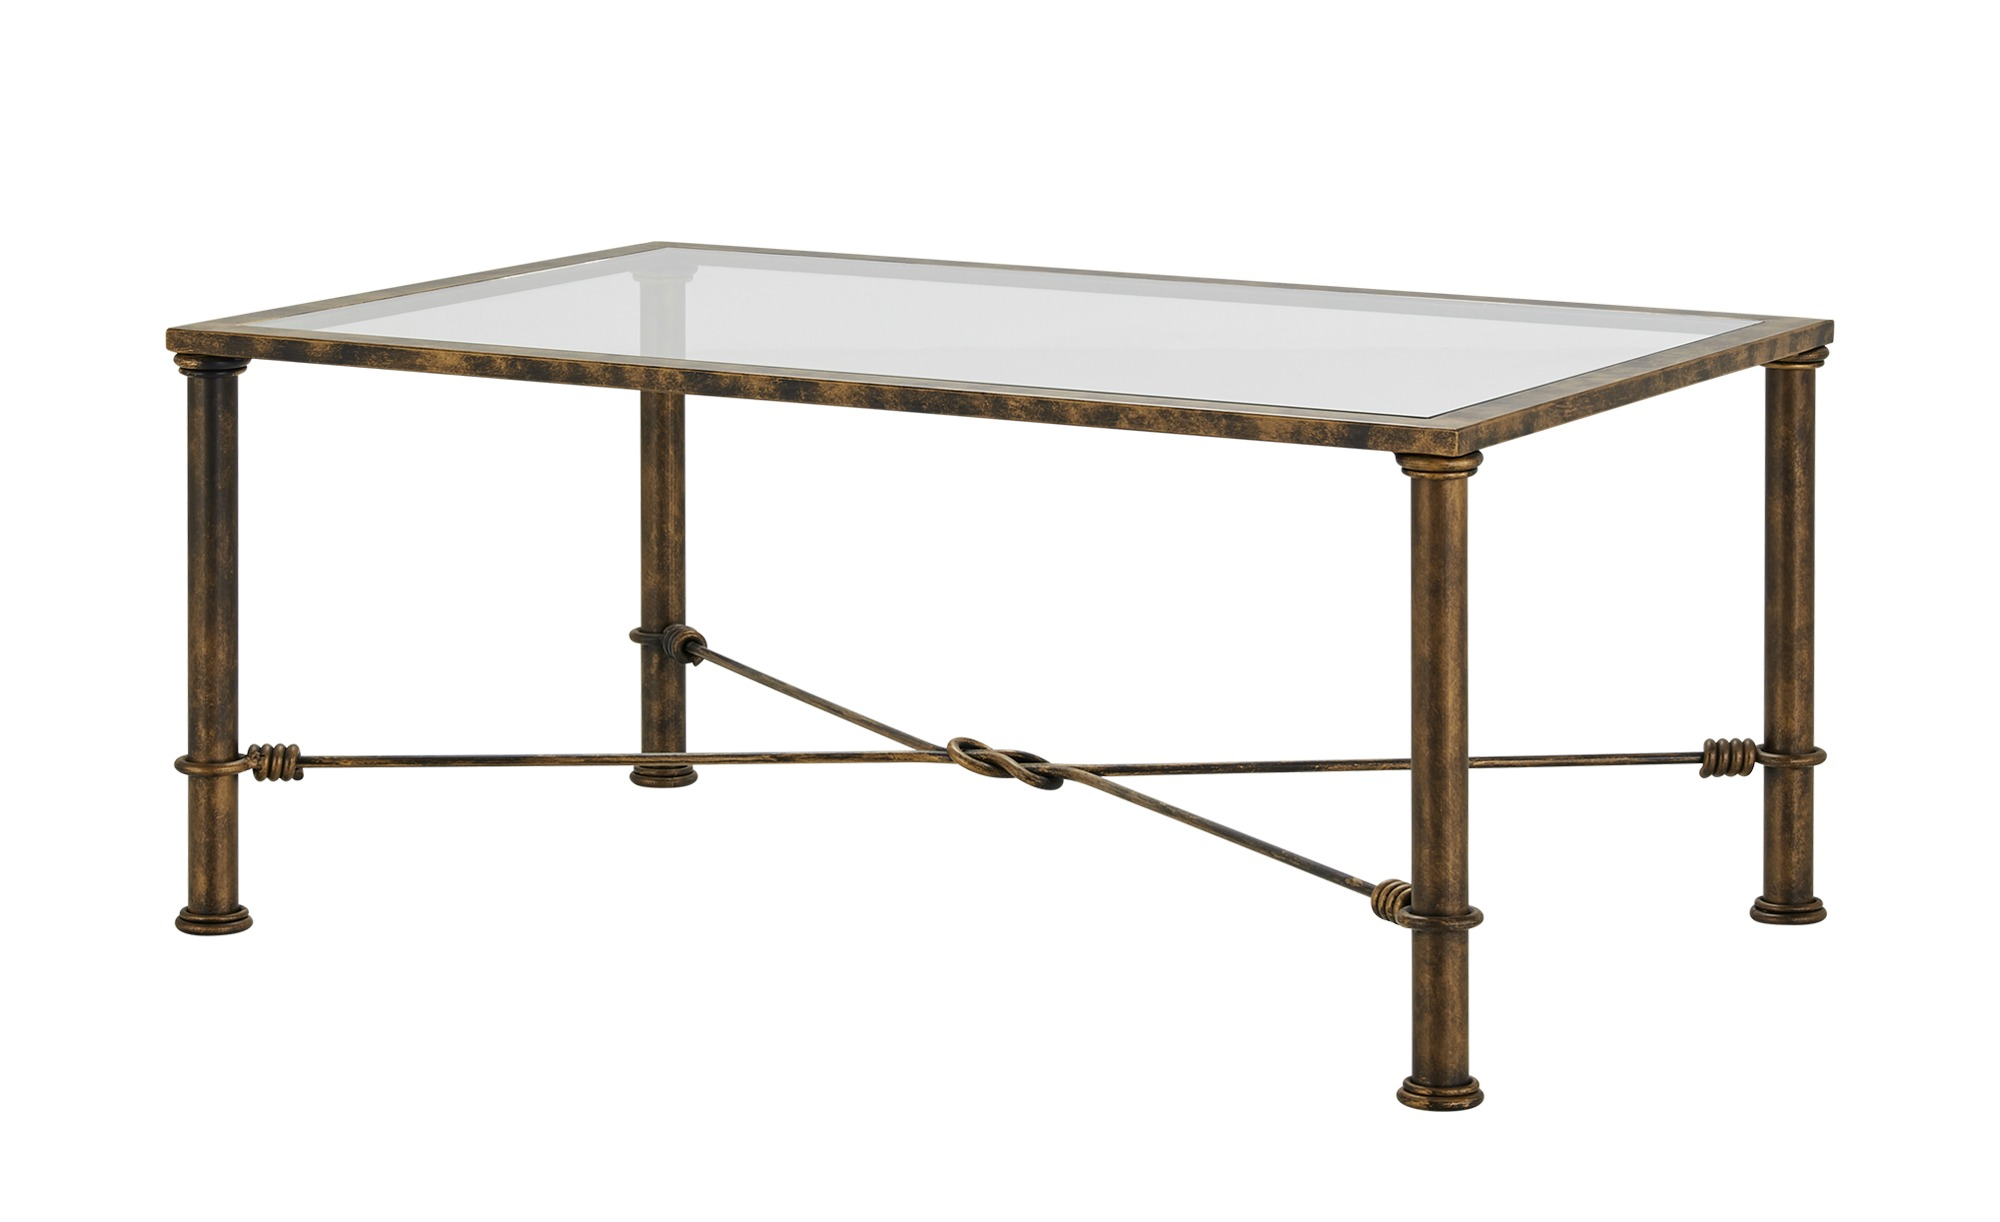 Couchtisch  Toscana ¦ gold ¦ Maße (cm): B: 70 H: 48 T: 70 Tische > Couchtische > Couchtische rechteckig - Höffner